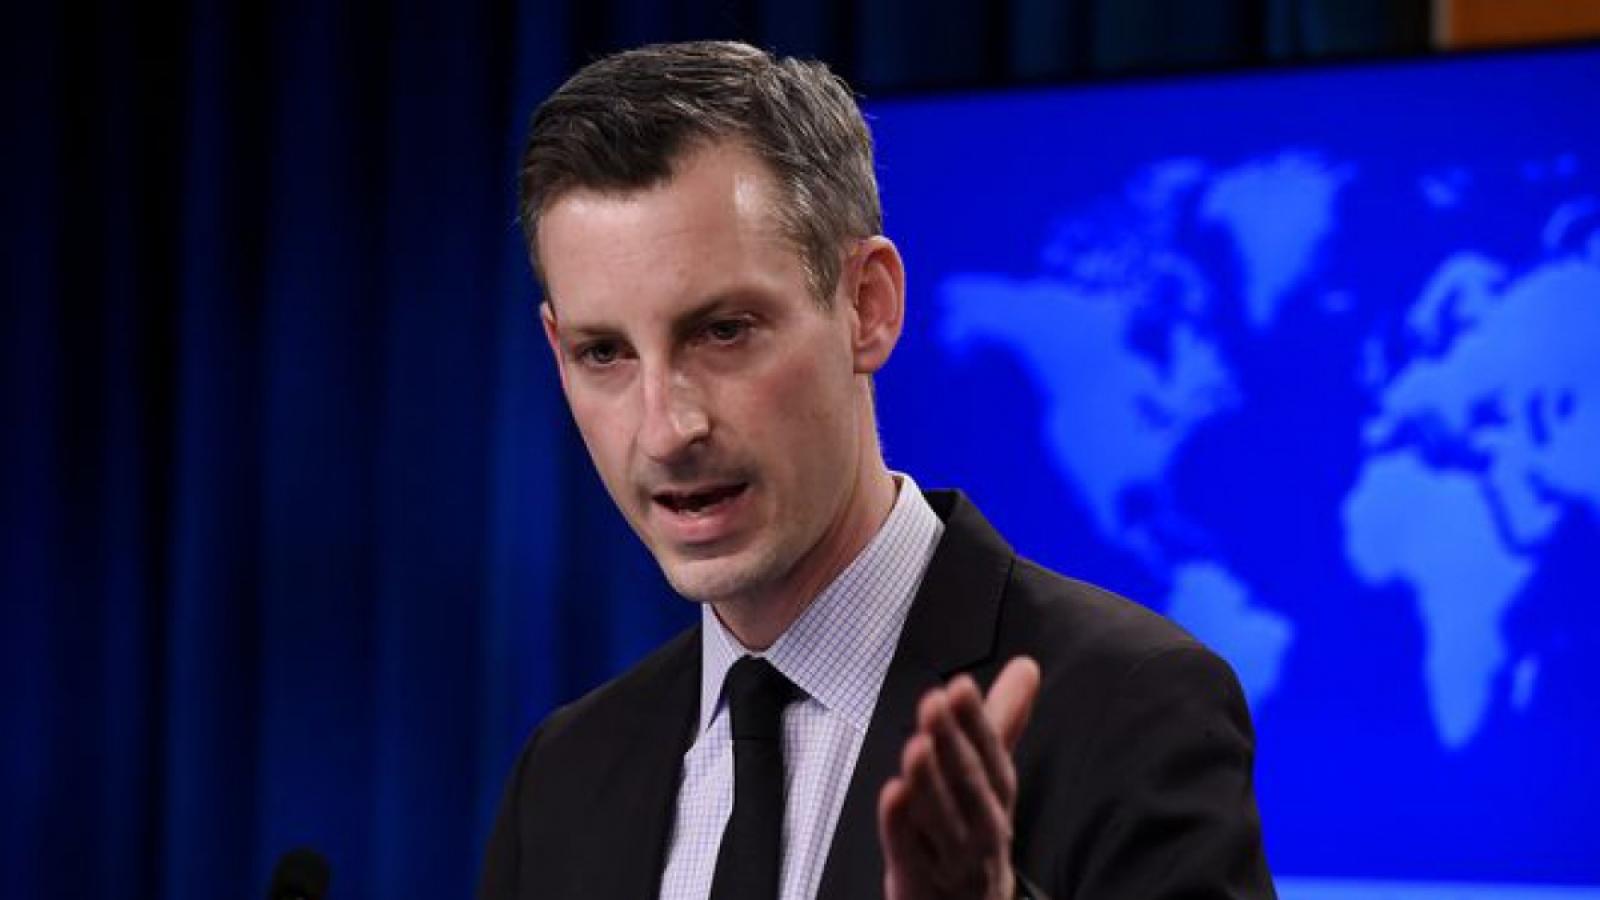 Mỹ cảnh báo Trung Quốc về hành vi gây leo thang căng thẳng với Philippines và Đài Loan